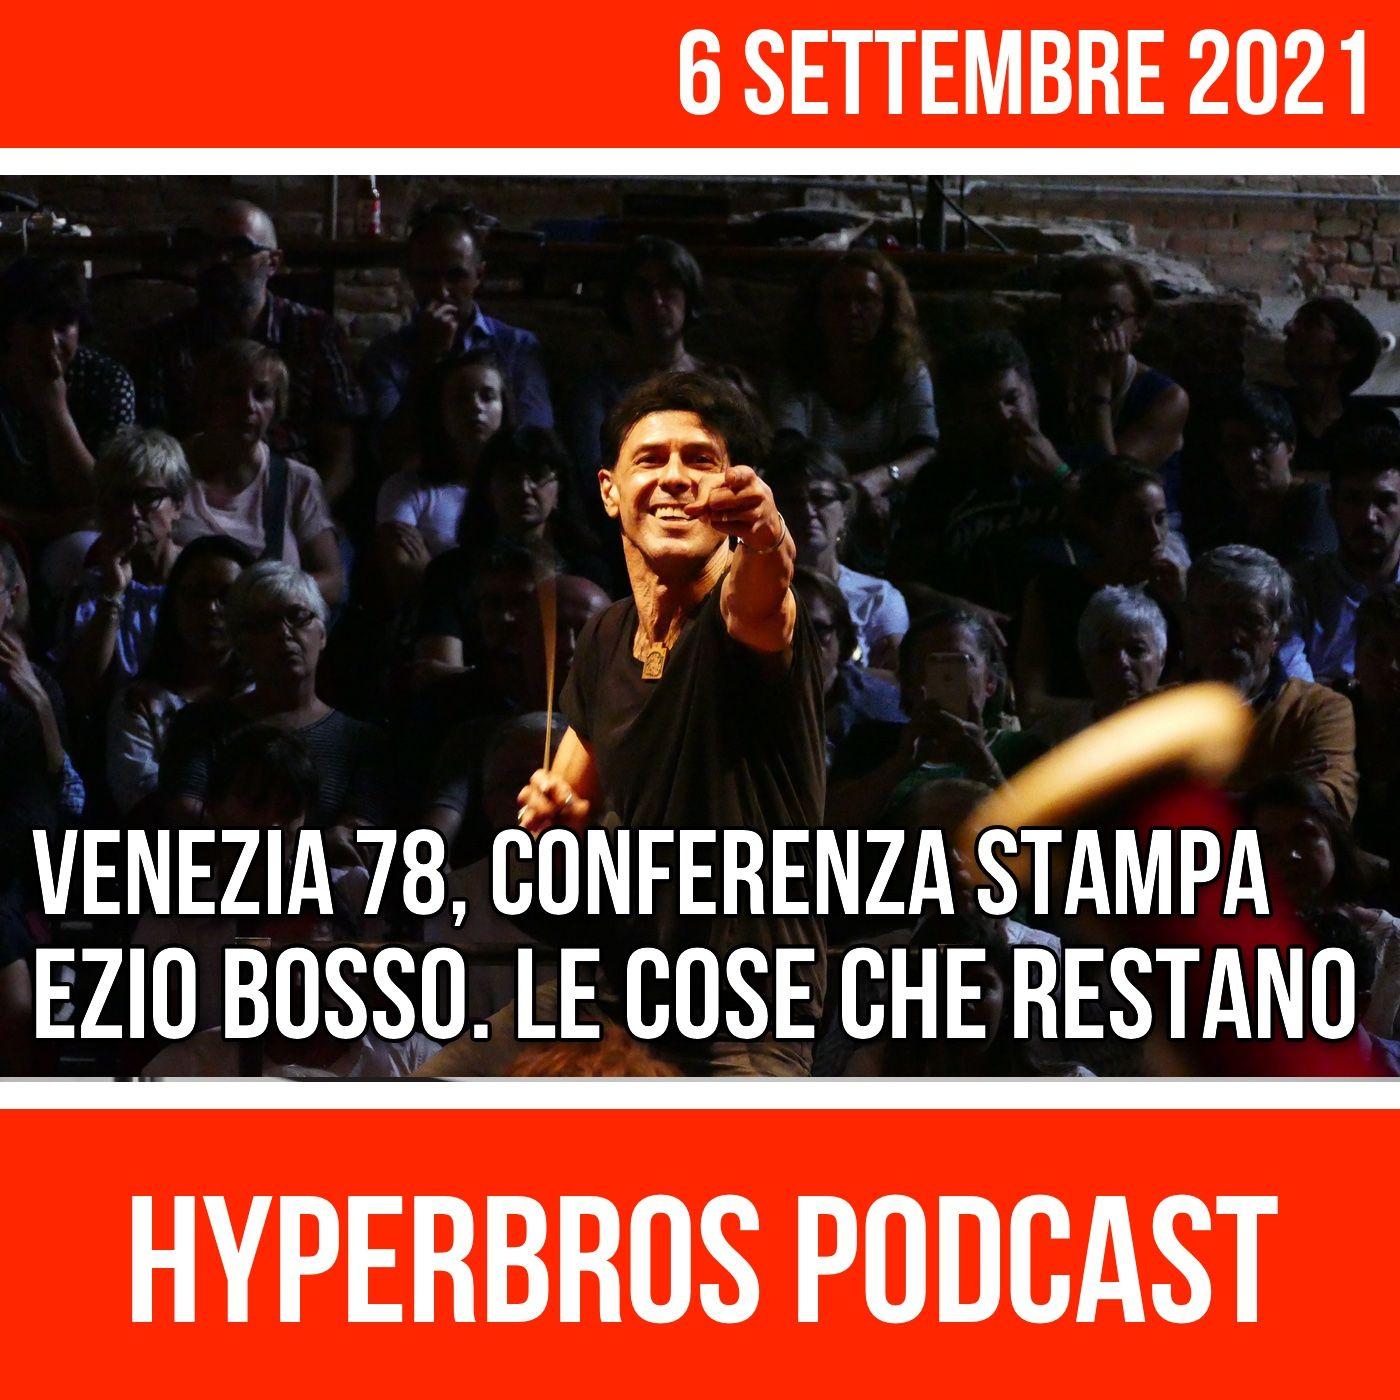 """Venezia 78, conferenza stampa film documentario """"Ezio Bosso. Le cose che restano"""""""